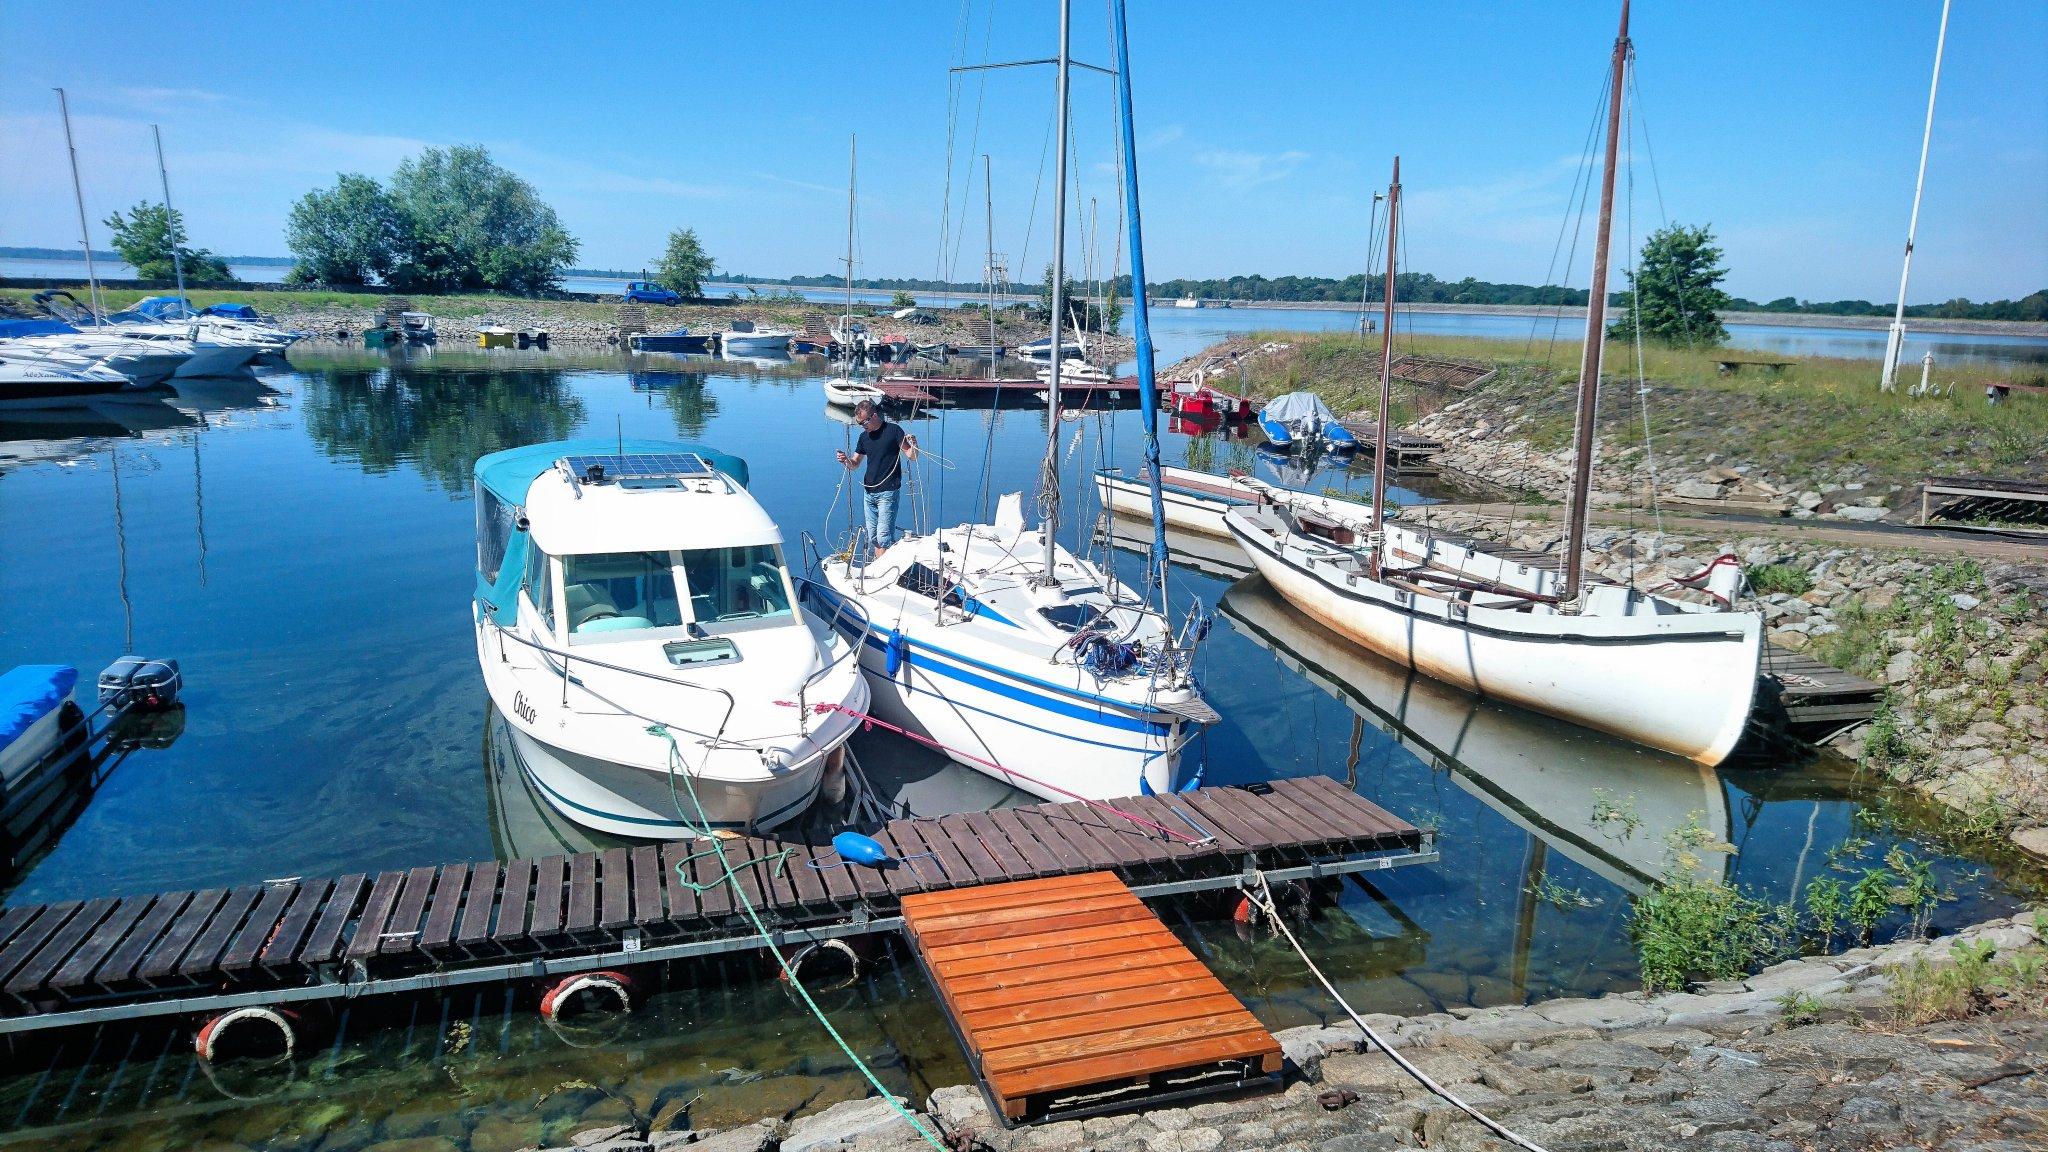 zeglarstwo na jeziorze turawskim